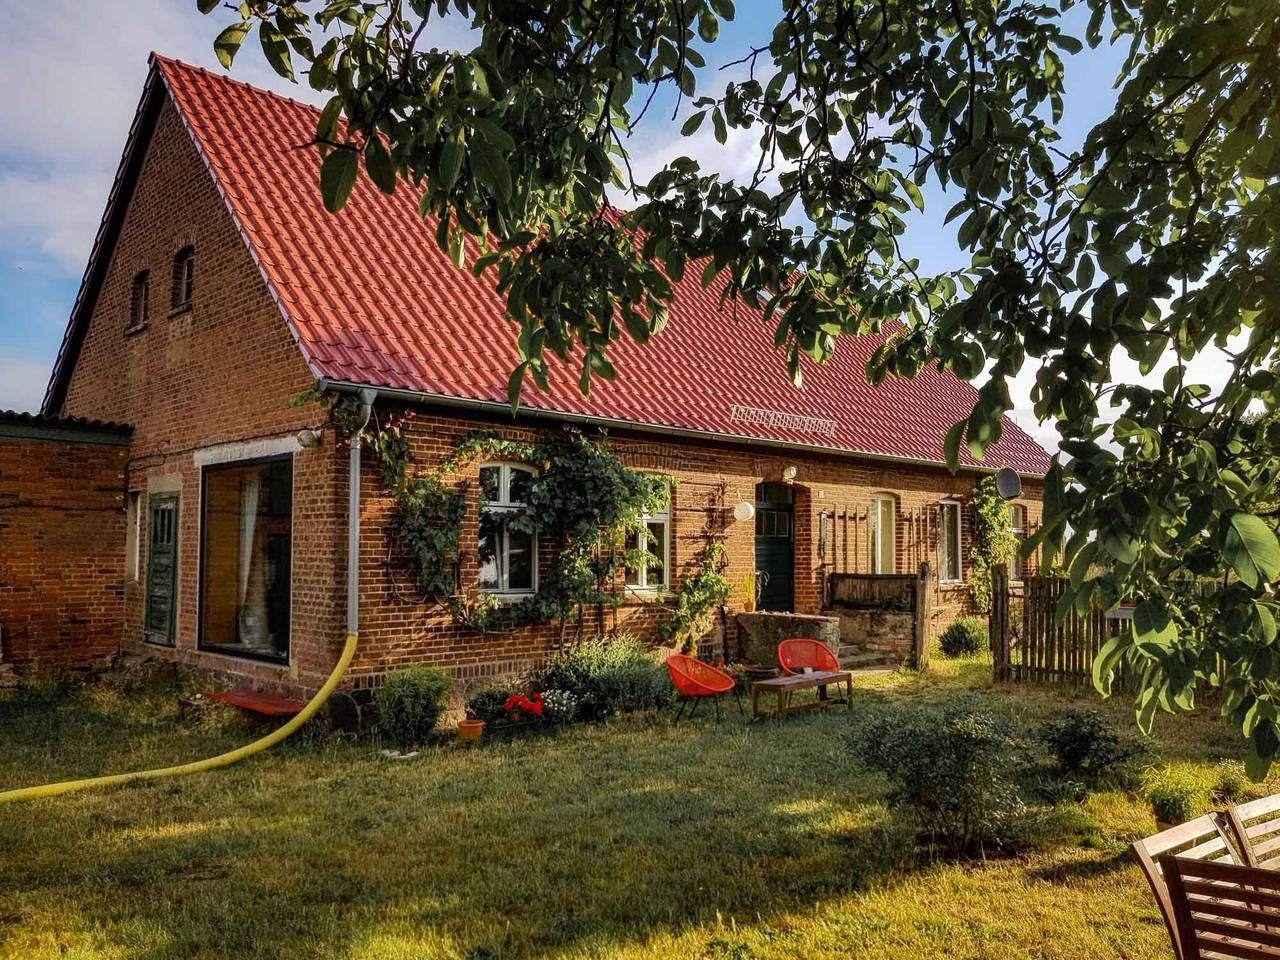 Schoner Ruhiger Bauernhof Mit Grossem Garten Hauser Zur Miete In Wusterhausen Dosse Haus Mieten Bauernhof Haus